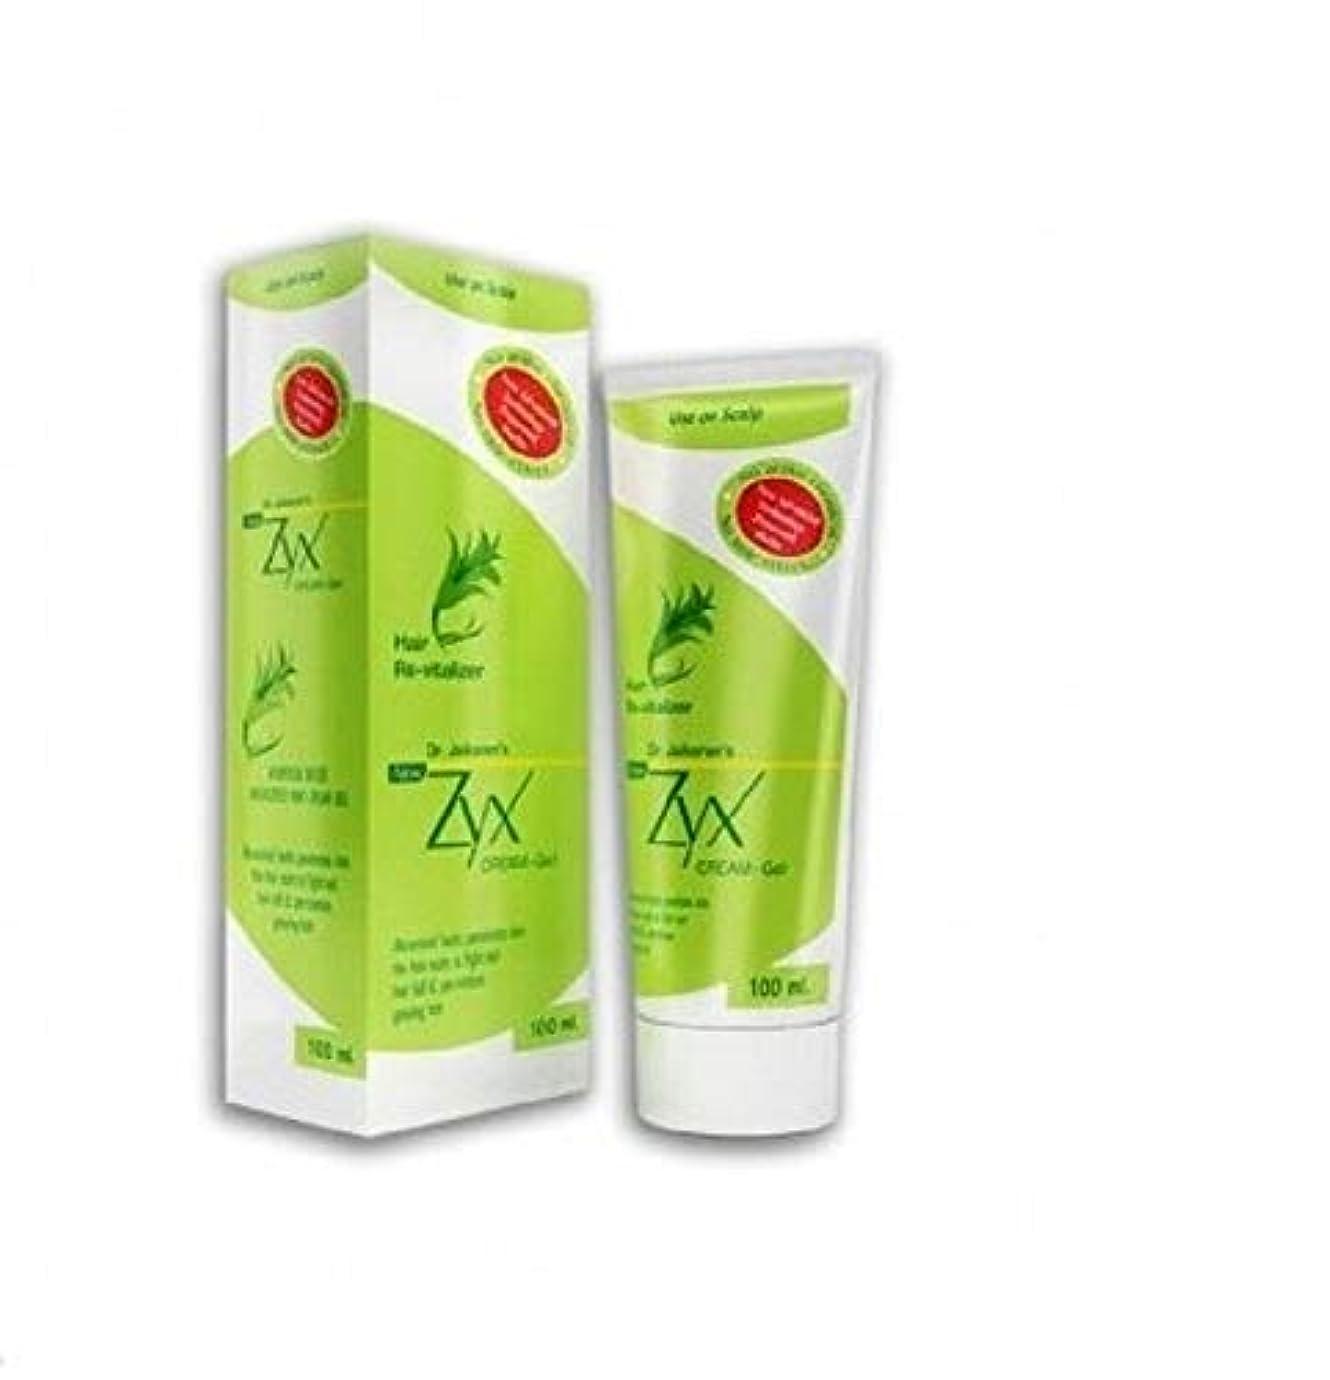 出会いポール緩やかなHair Cream Gel Zyx ヘアクリームジェル 100ml 100% Natural for prevention of Hair related problems 髪の毛の問題を予防するための100%ナチュラル